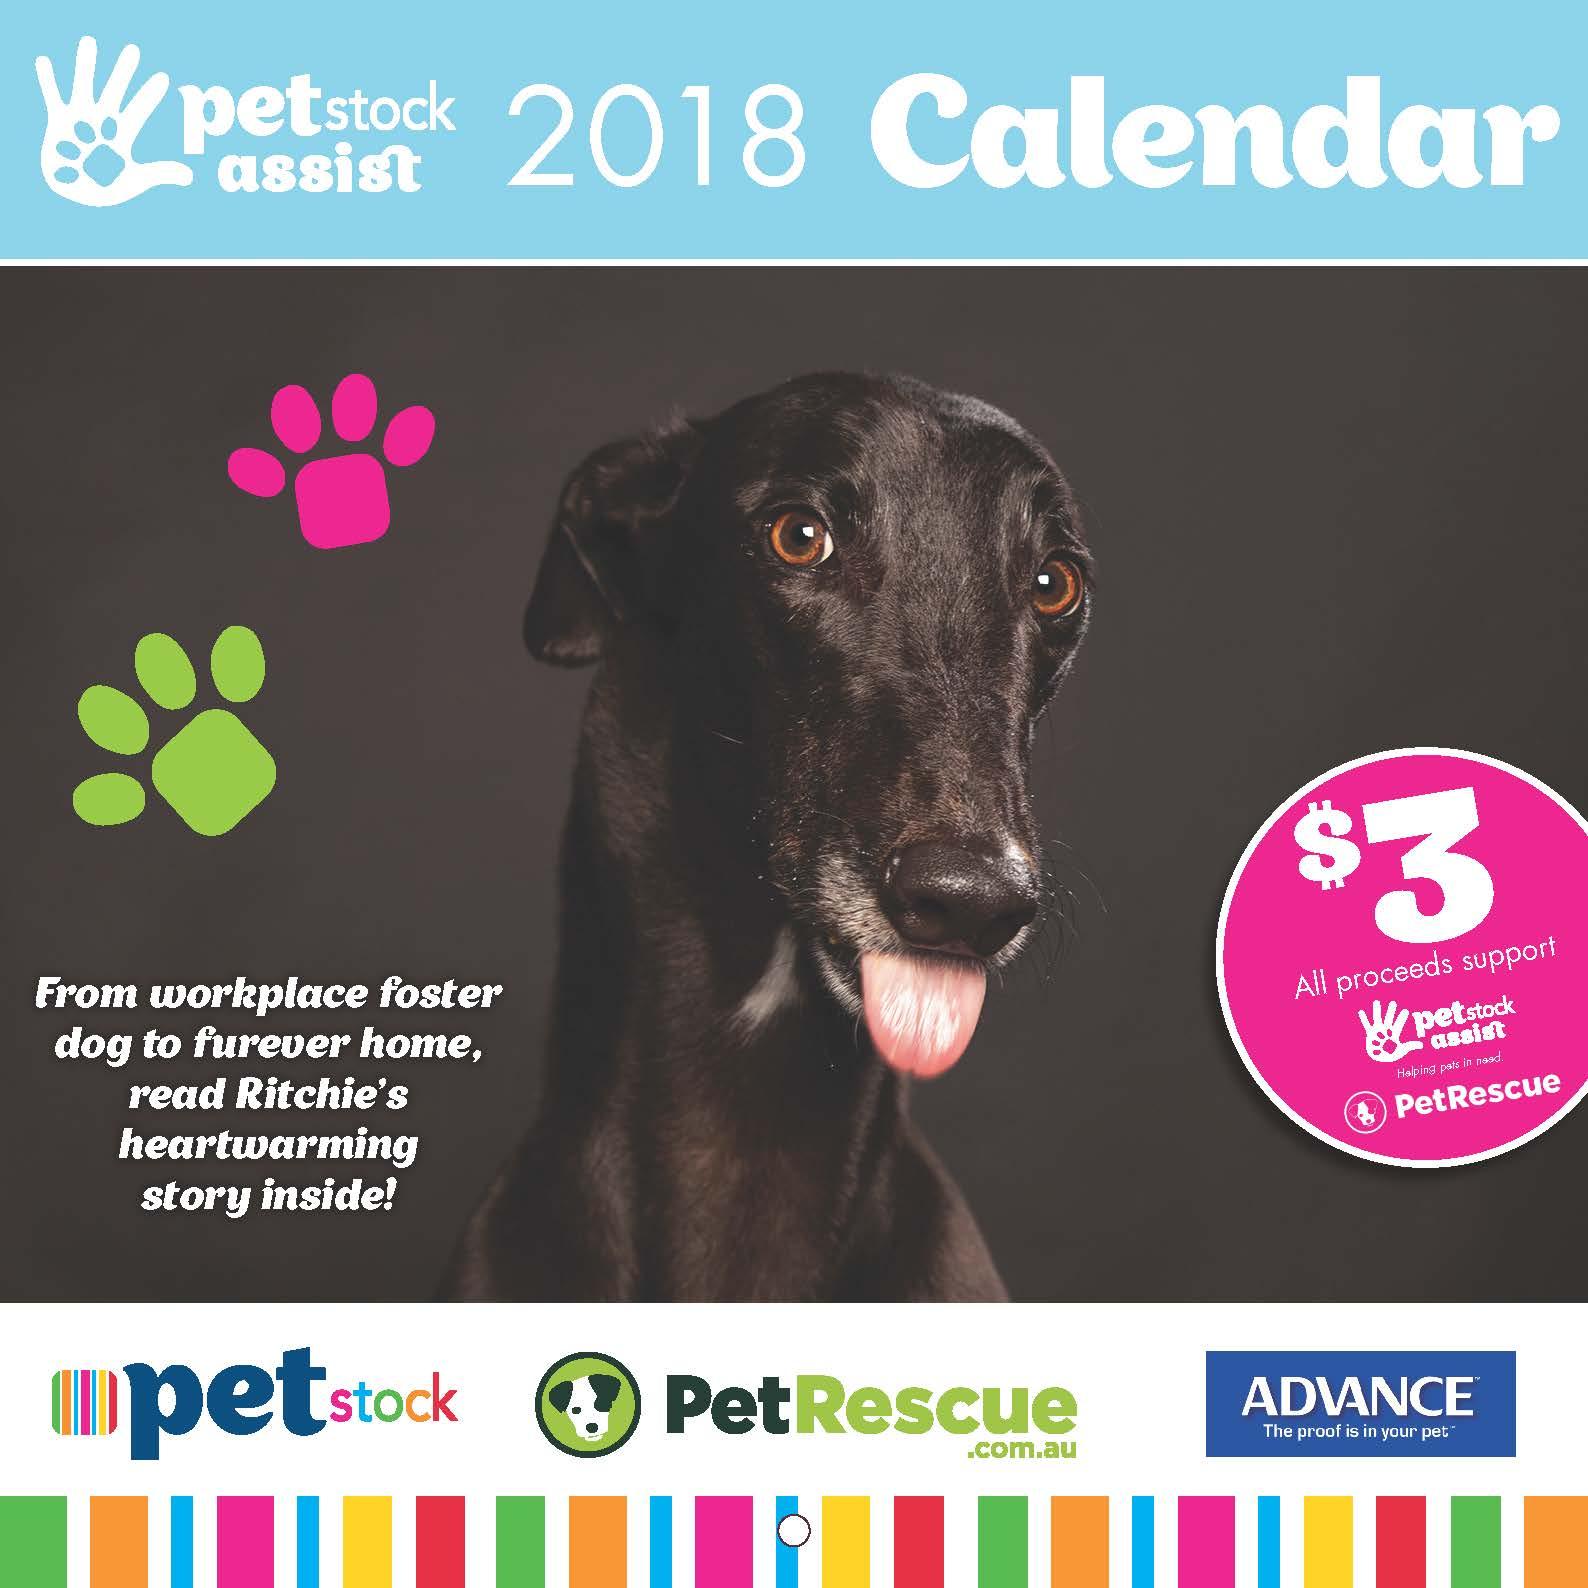 2018 PETstock Assist Calendar only $3